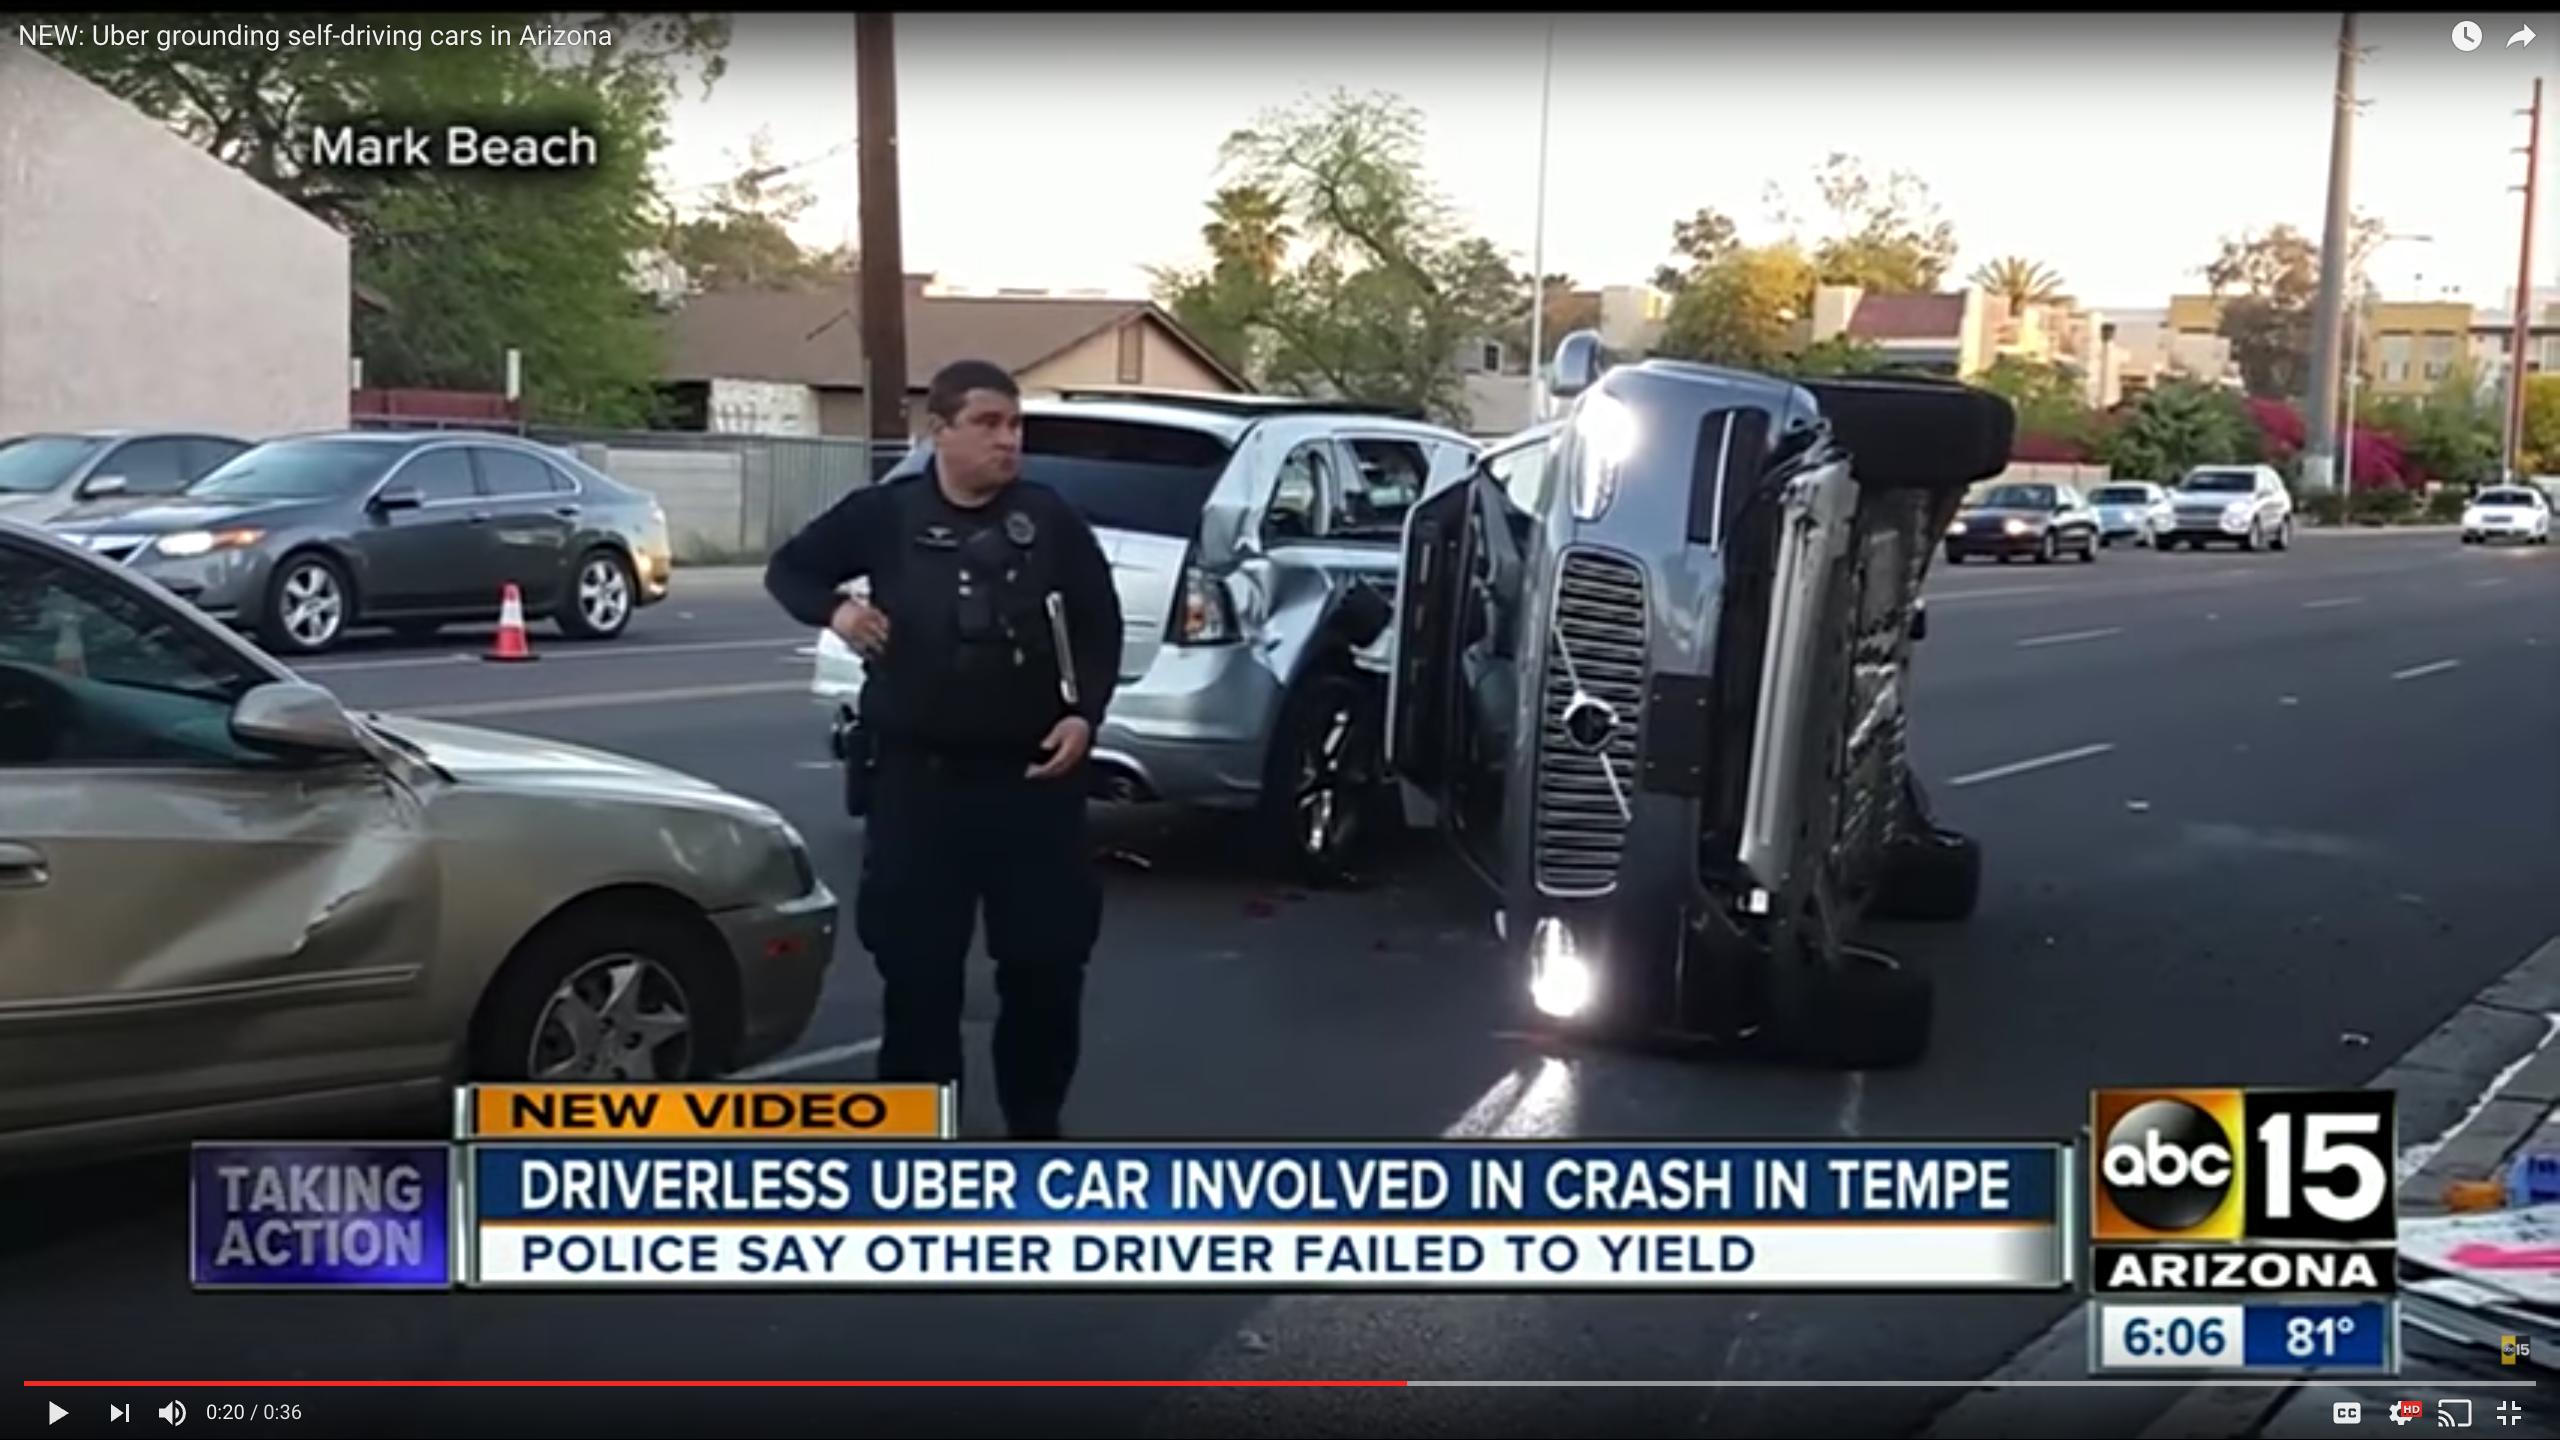 Uber Suspends Self-Driving Fleet After Ariz. Crash